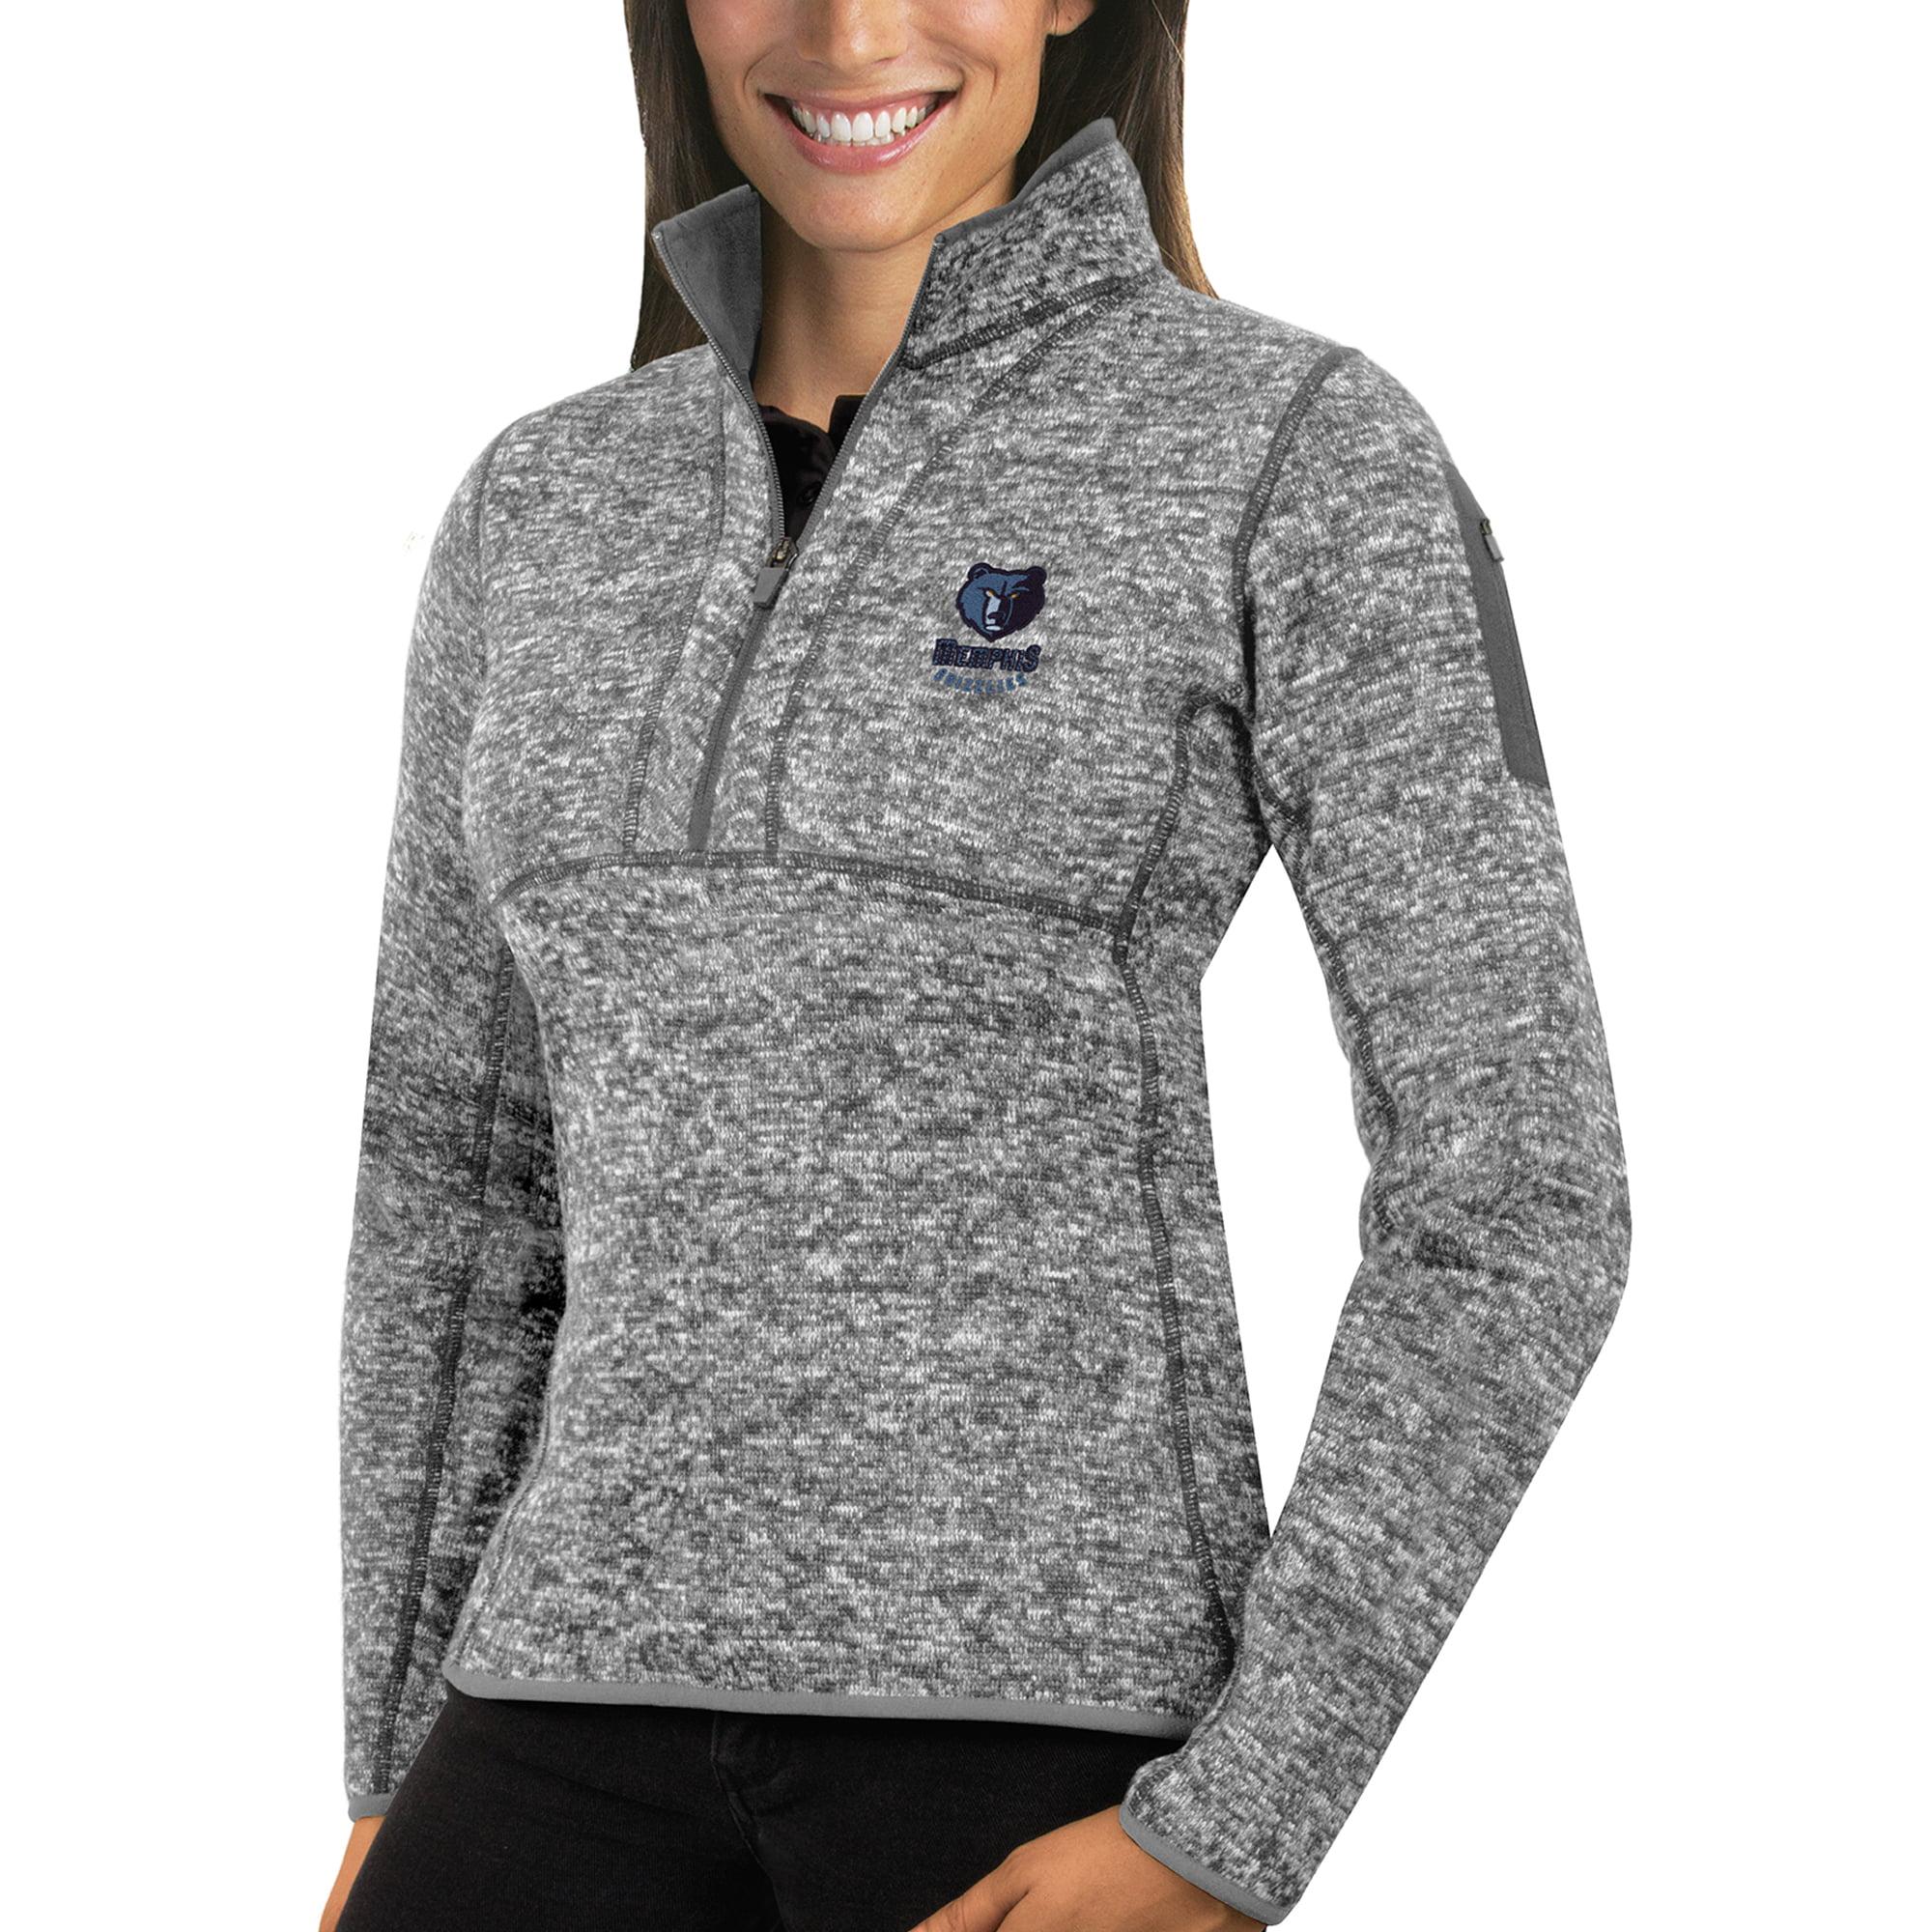 Memphis Grizzlies Antigua Women's Fortune Half-Zip Pullover Jacket - Heather Gray